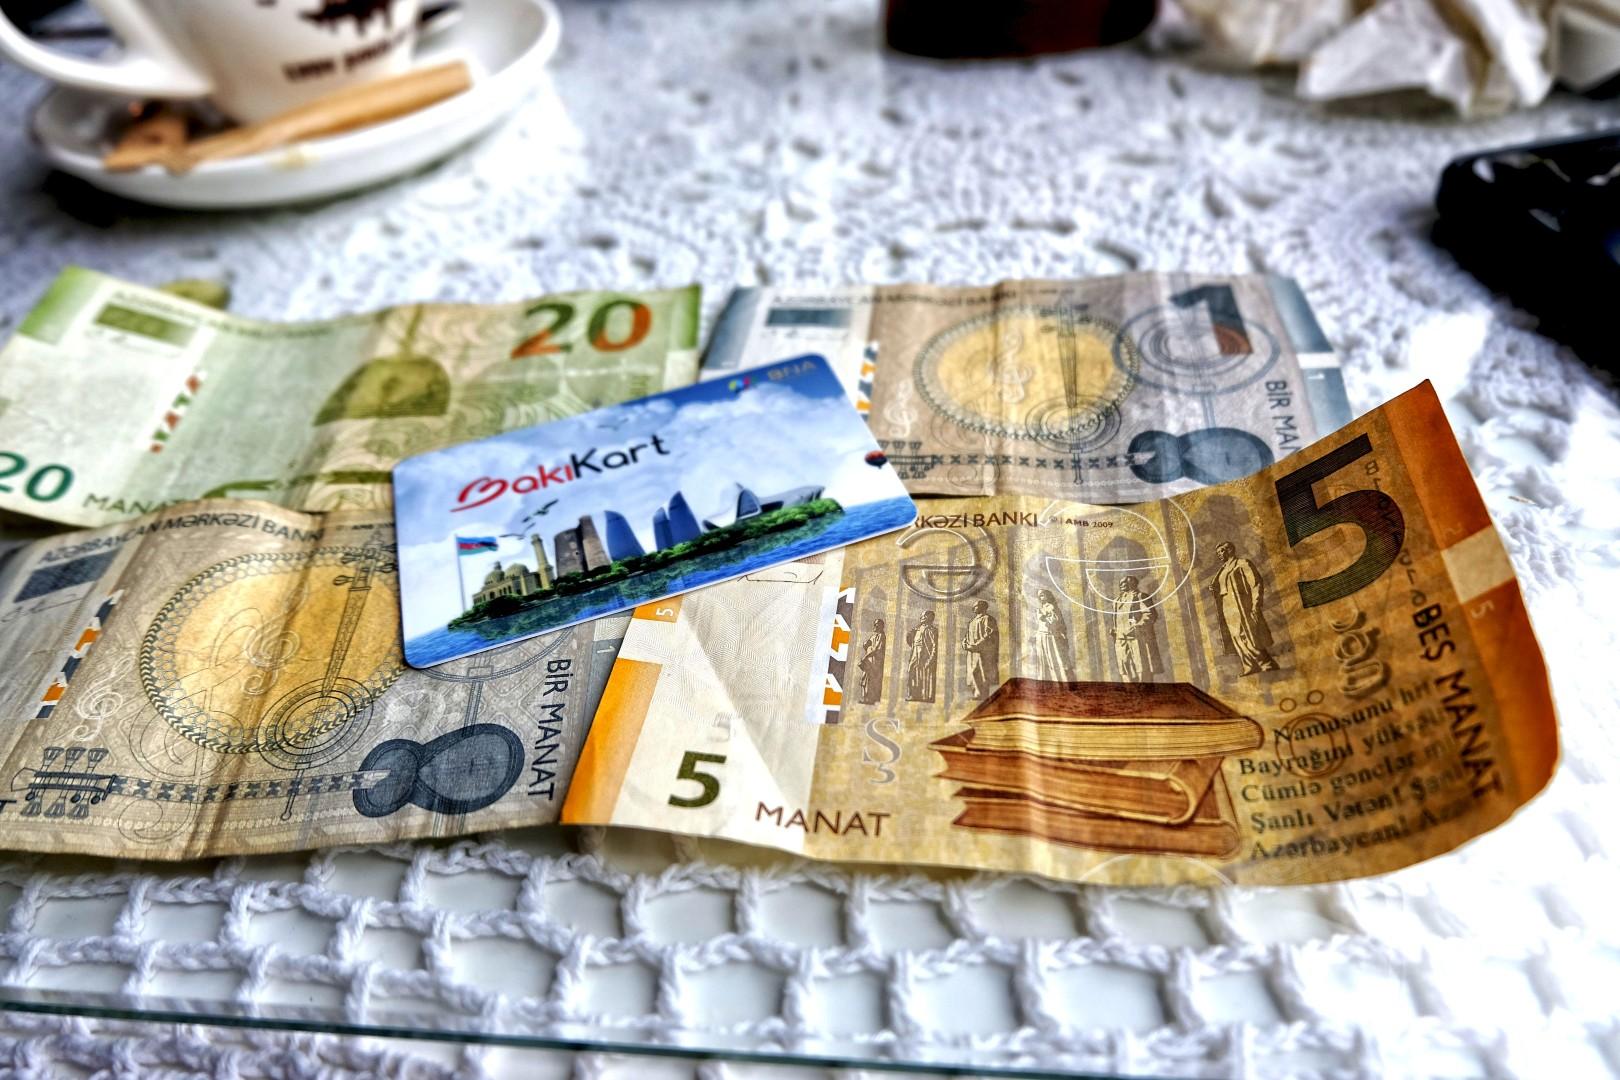 Azerbejdżan to kraj bardzo przyjazny cenowo